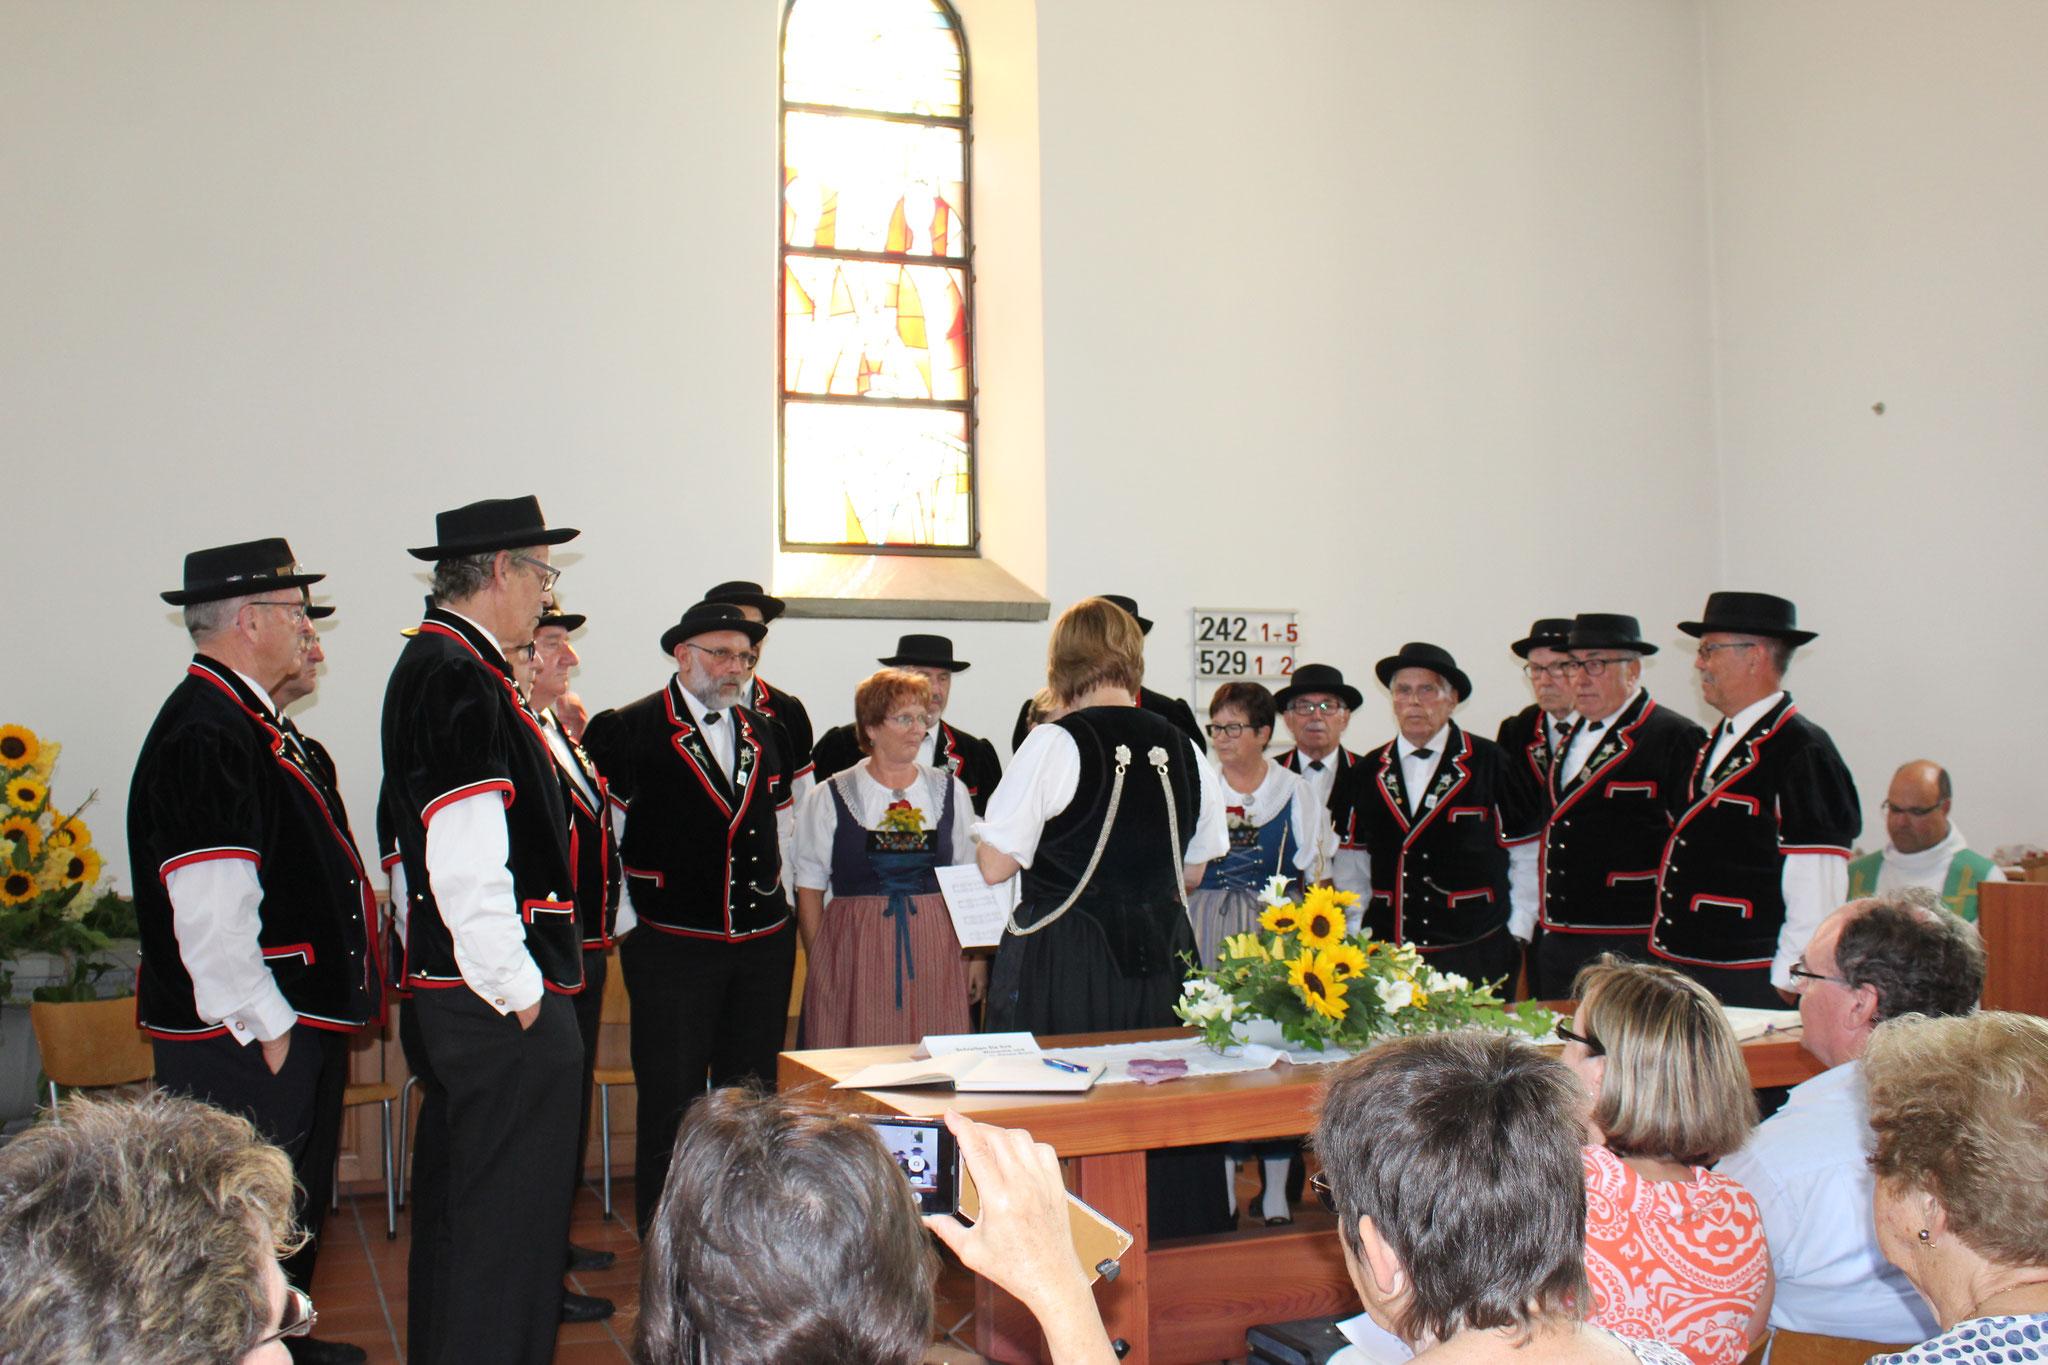 Ökumenischer Gottesdienst mit Jodlermesse